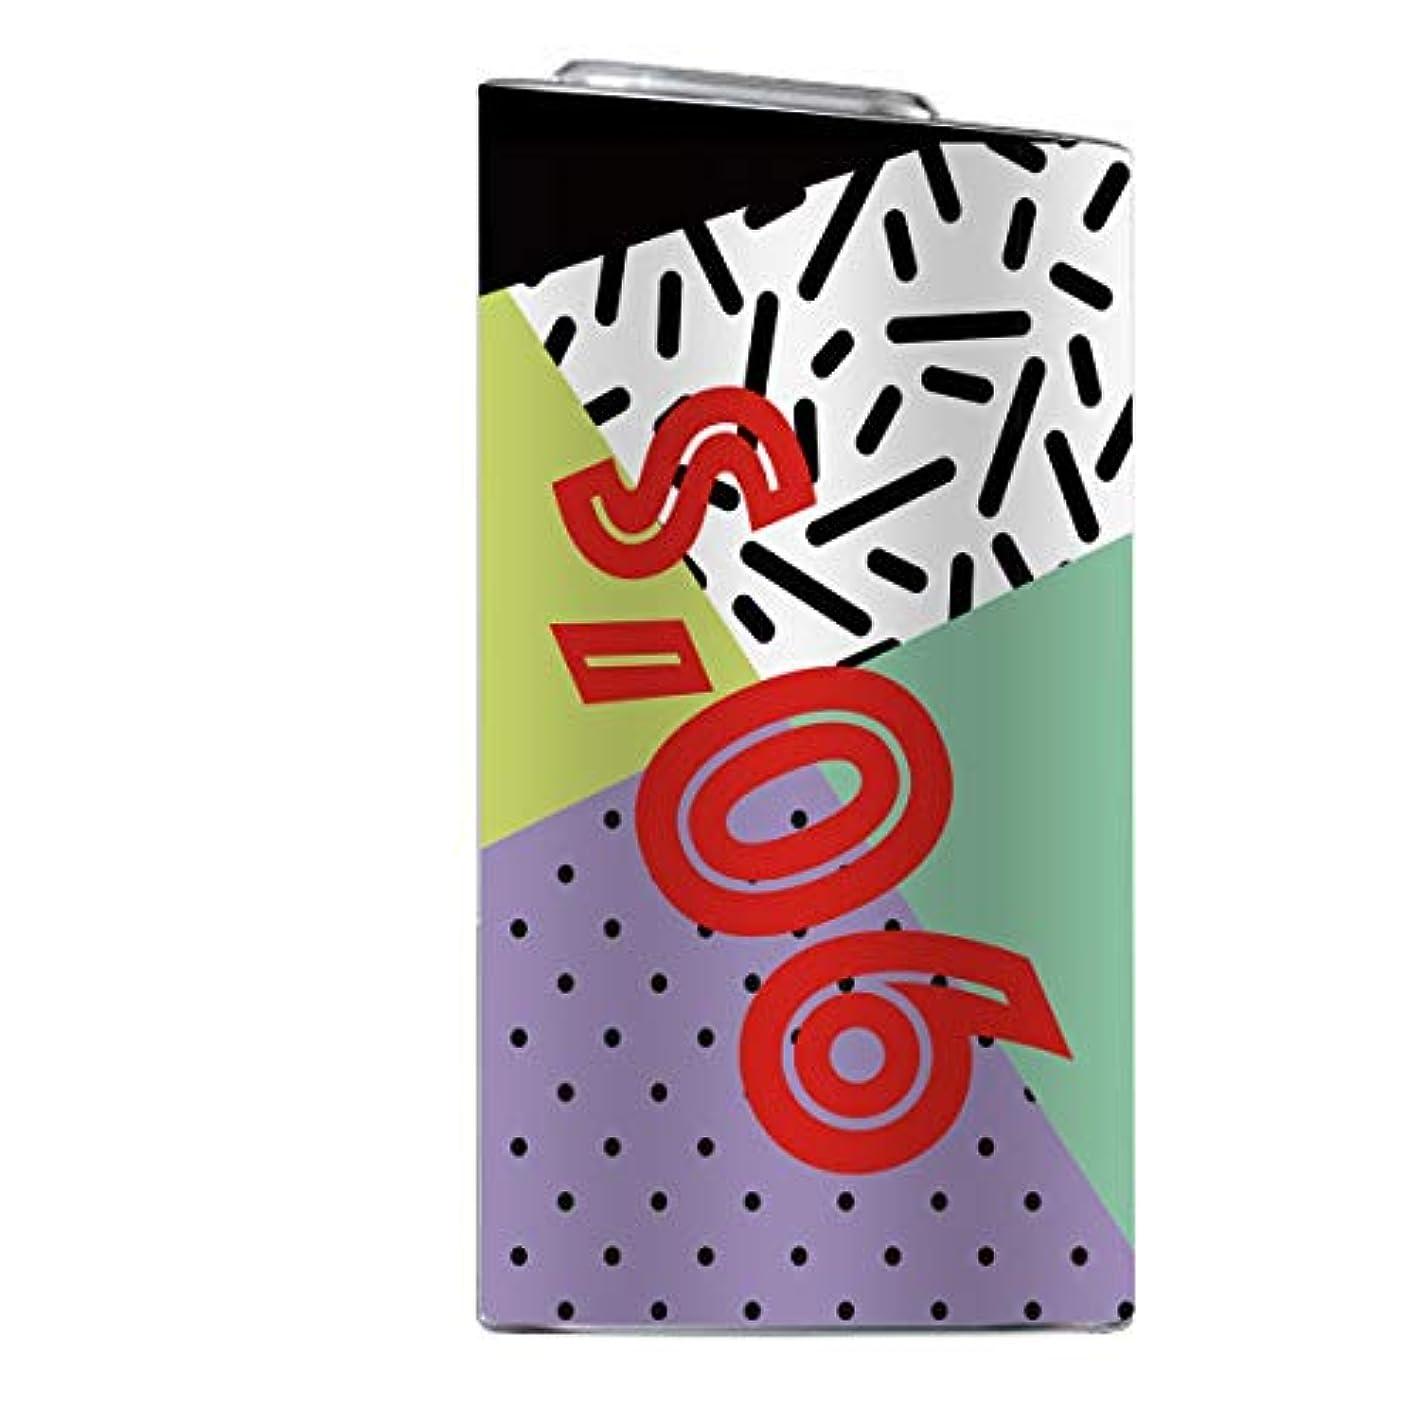 高音天皇glo スキンシール 【 glo専用 】 90年代 80年代 OLDSCHOOL かわいい オシャレ 人気 トレンド 柄 glo グロー 全面対応